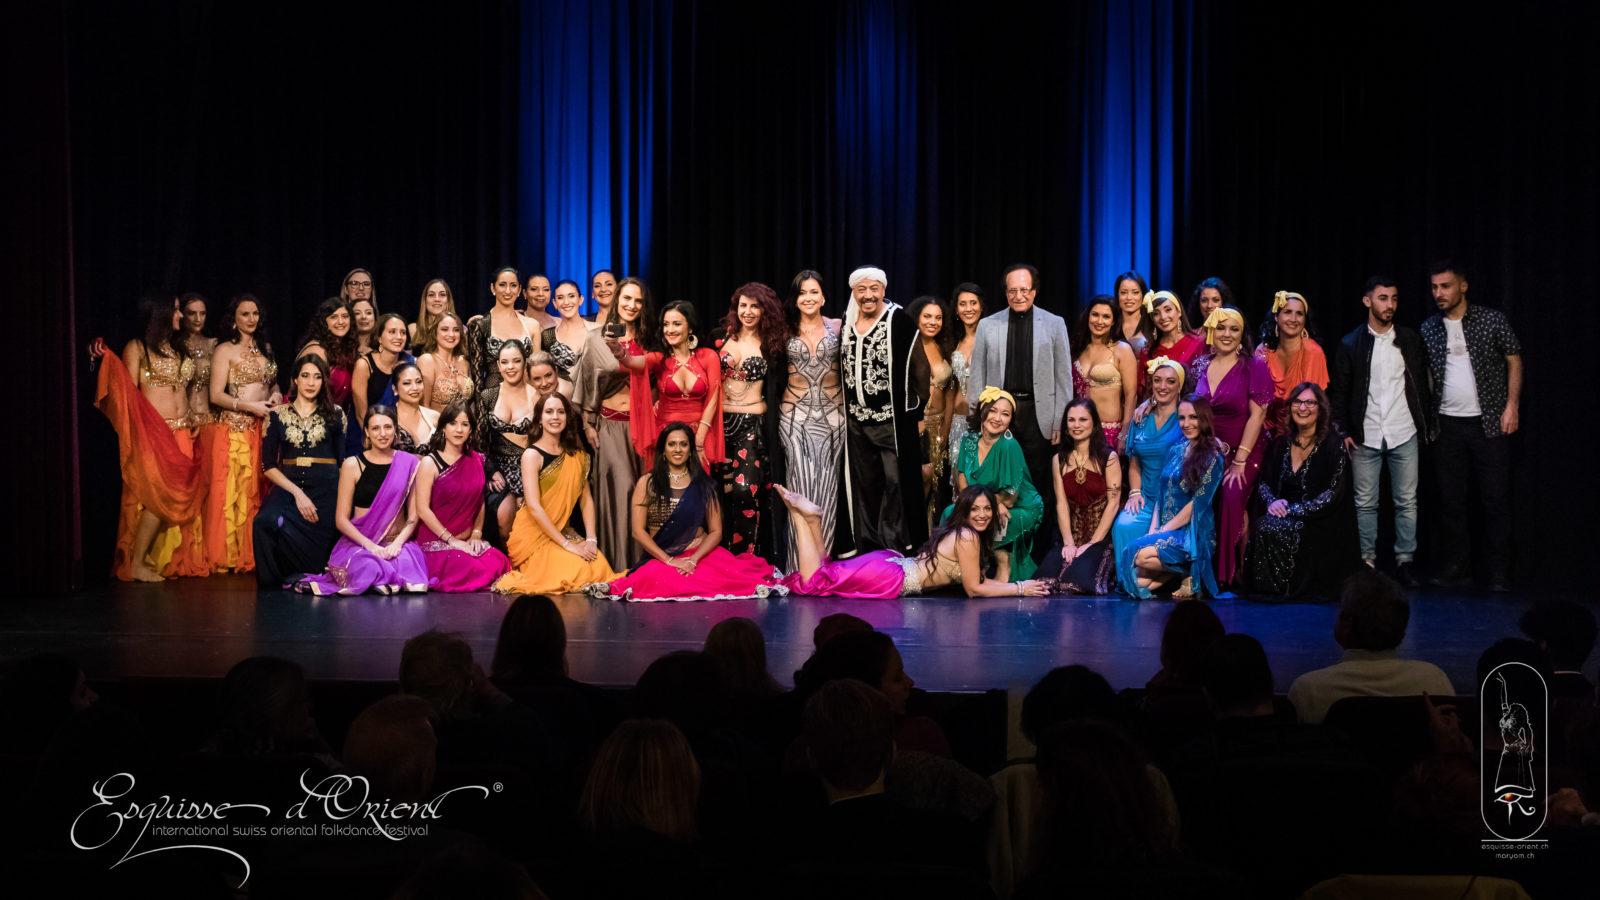 Esquisse d'Orient, Festival International des danses d'Orient, Fribourg 10è anniversaire, 17 au 20 octobre 2019